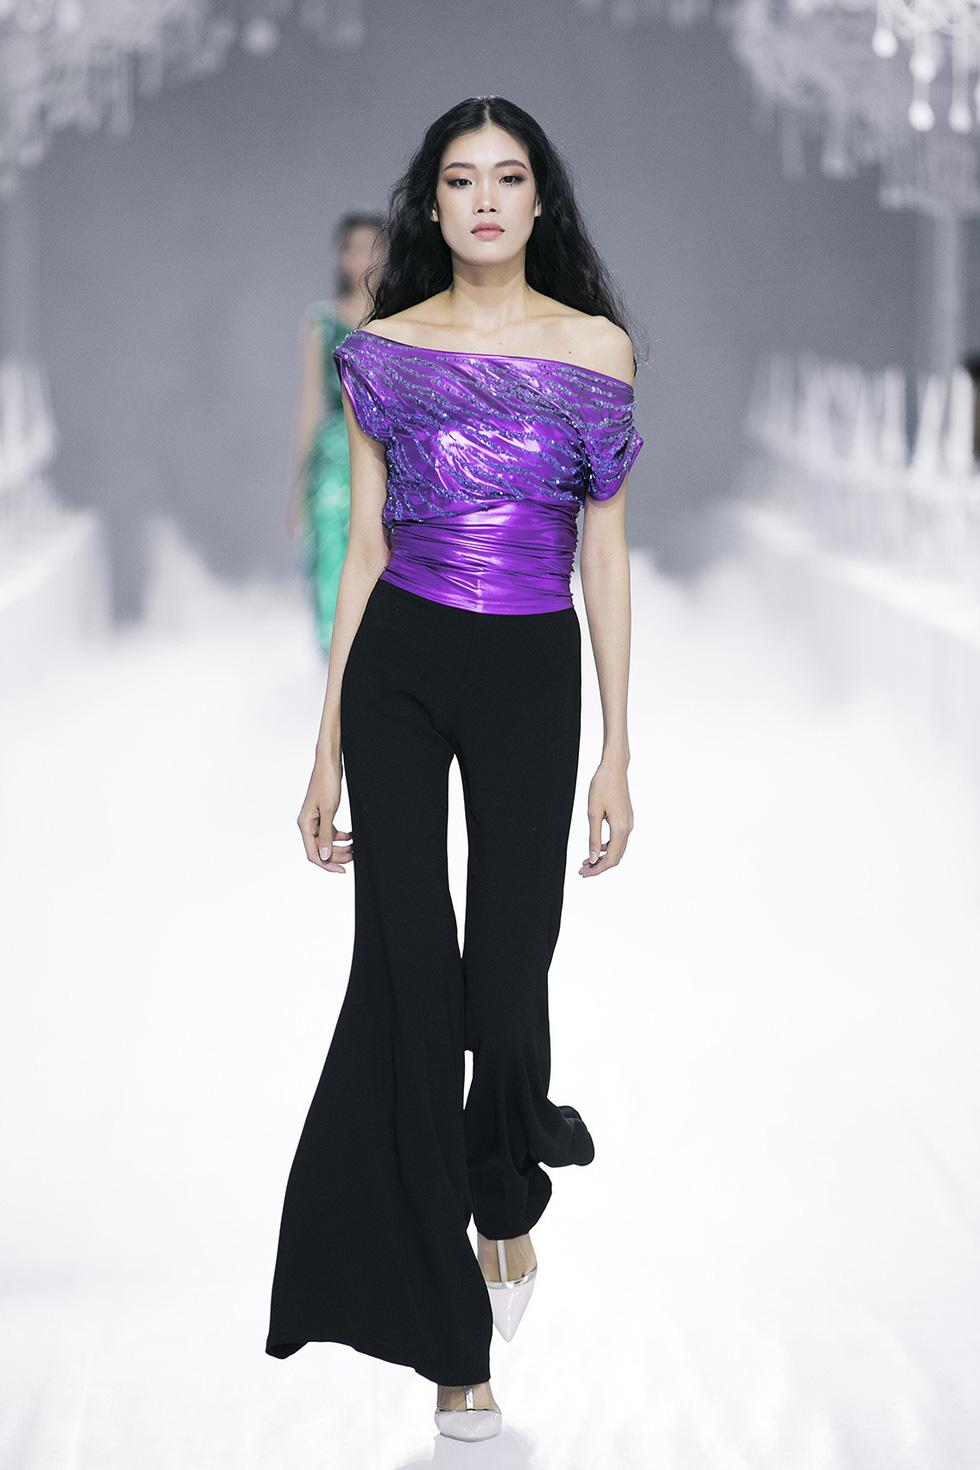 Lý Quí Khánh đánh dấu sự nghiệp 10 năm với Vẻ đẹp của sự tự do - Ảnh 9.